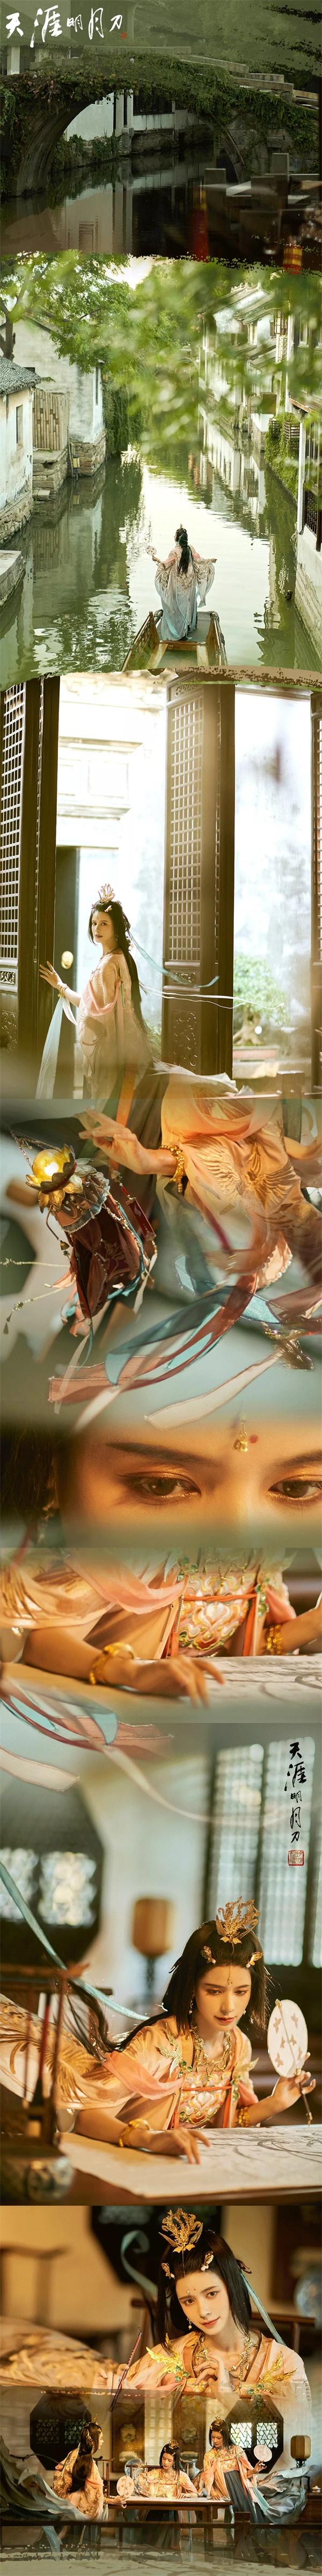 天刀×仙剑联动版本定档10月20日!休闲趣味新玩法同步来袭!